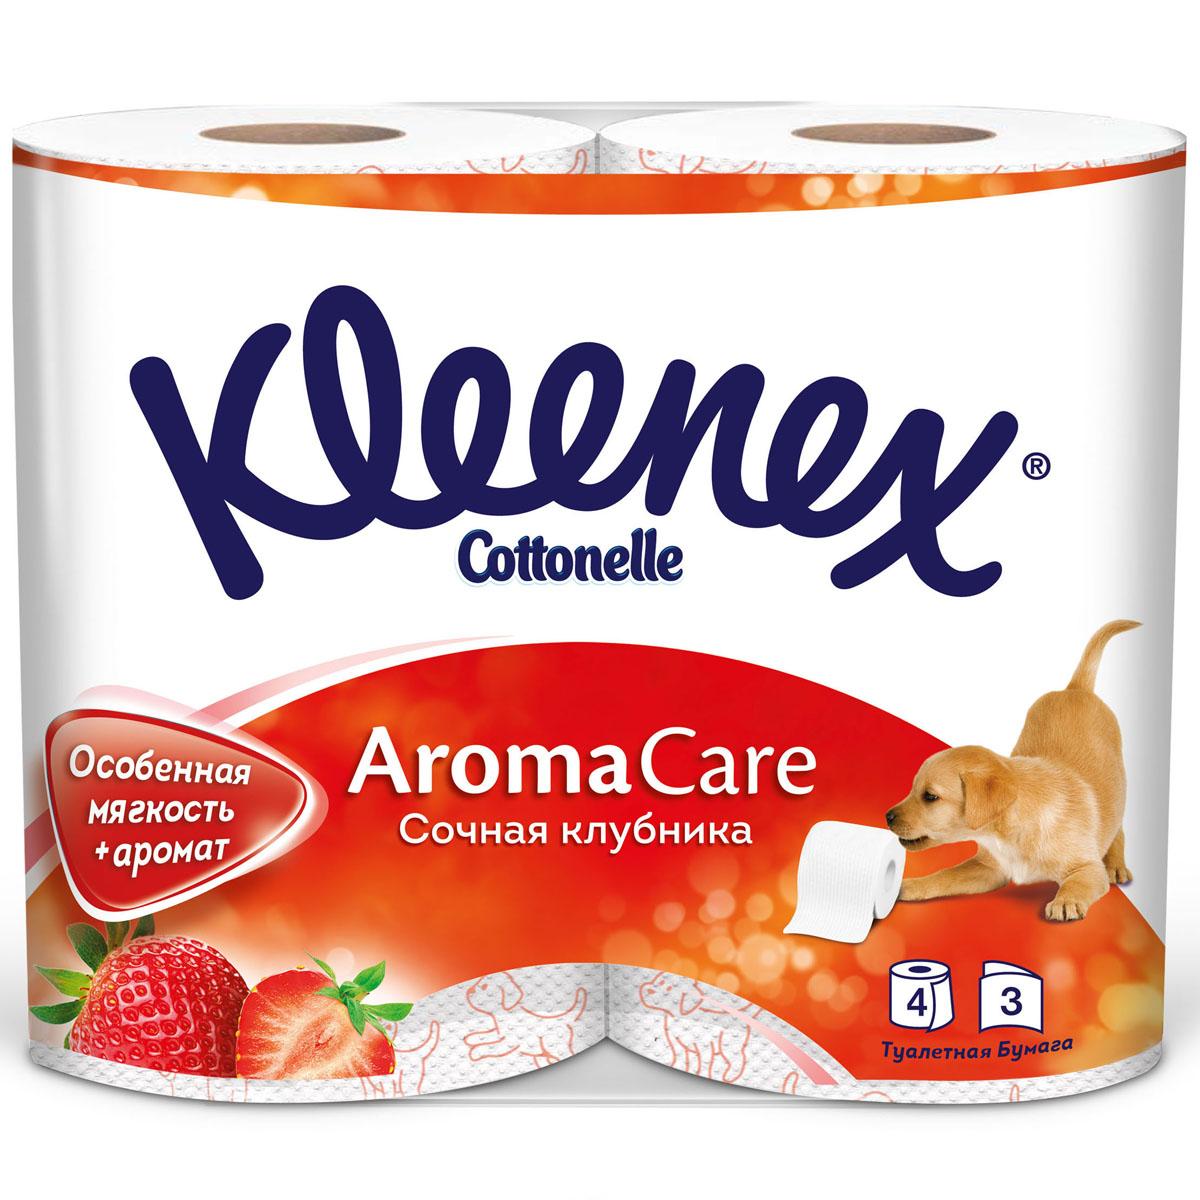 Туалетная бумага Kleenex сочная клубника (3 слоя) 4 шт